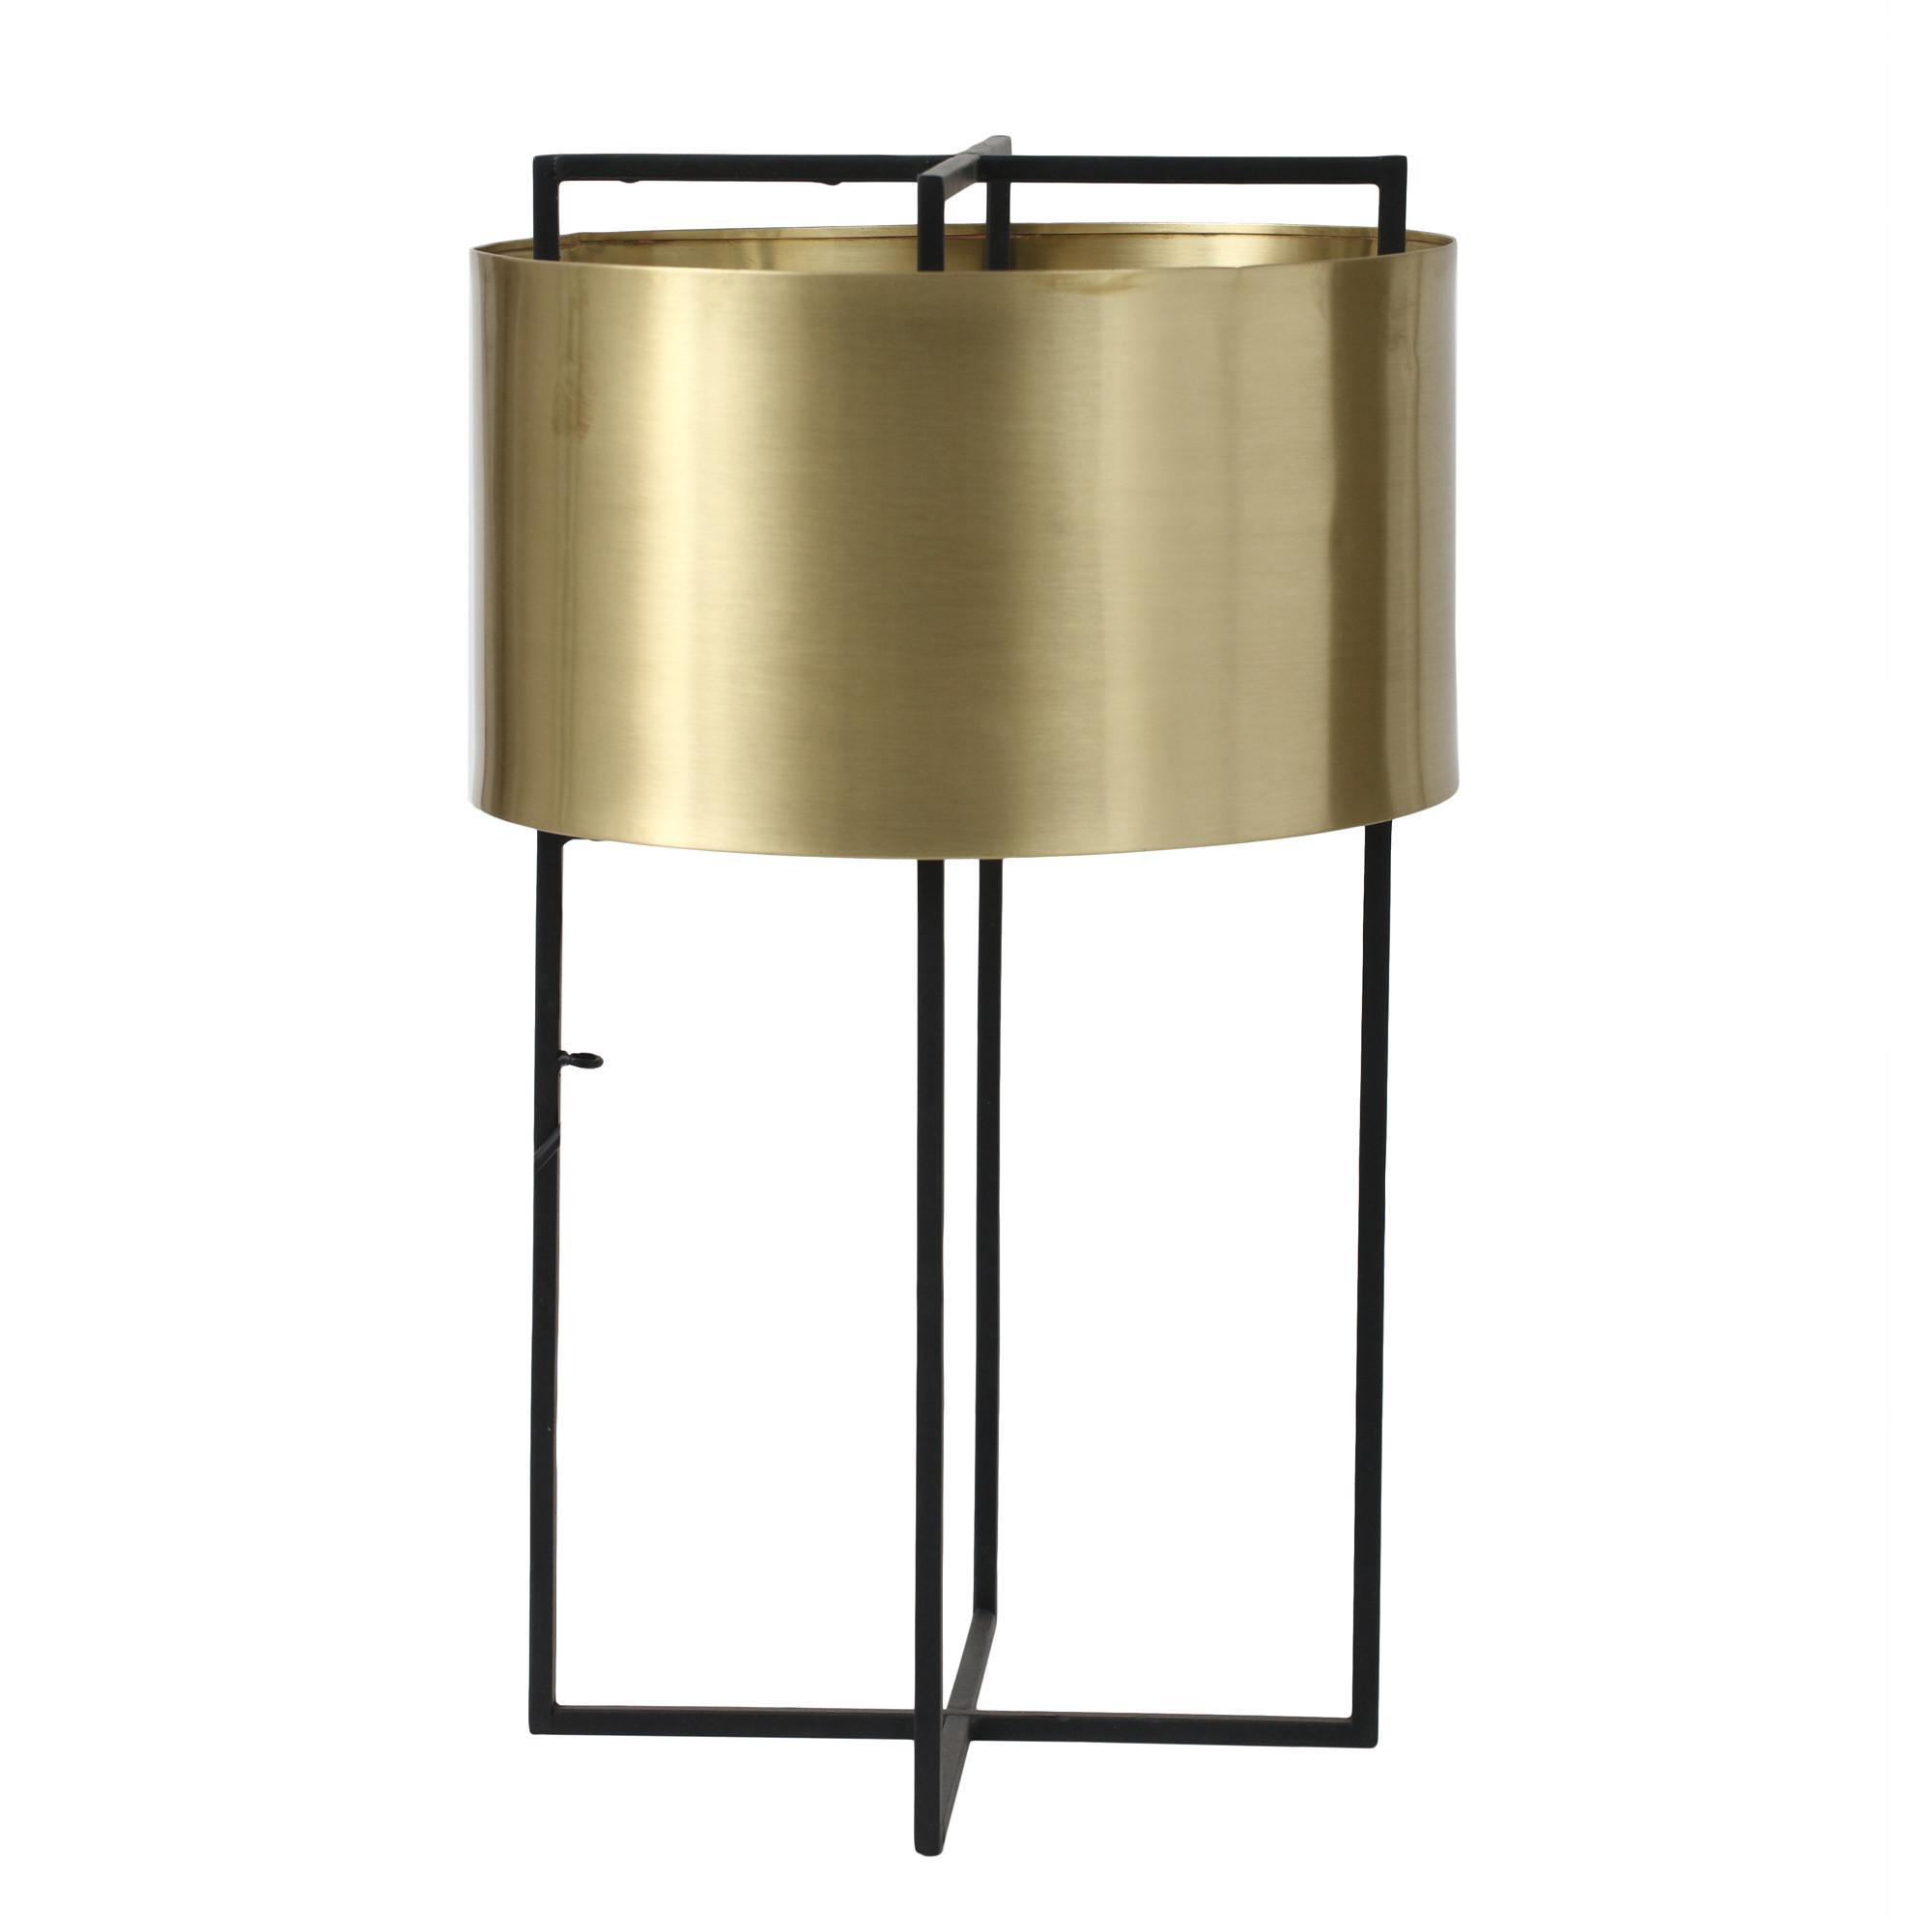 Tischleuchte modern Bronze mit Schirm